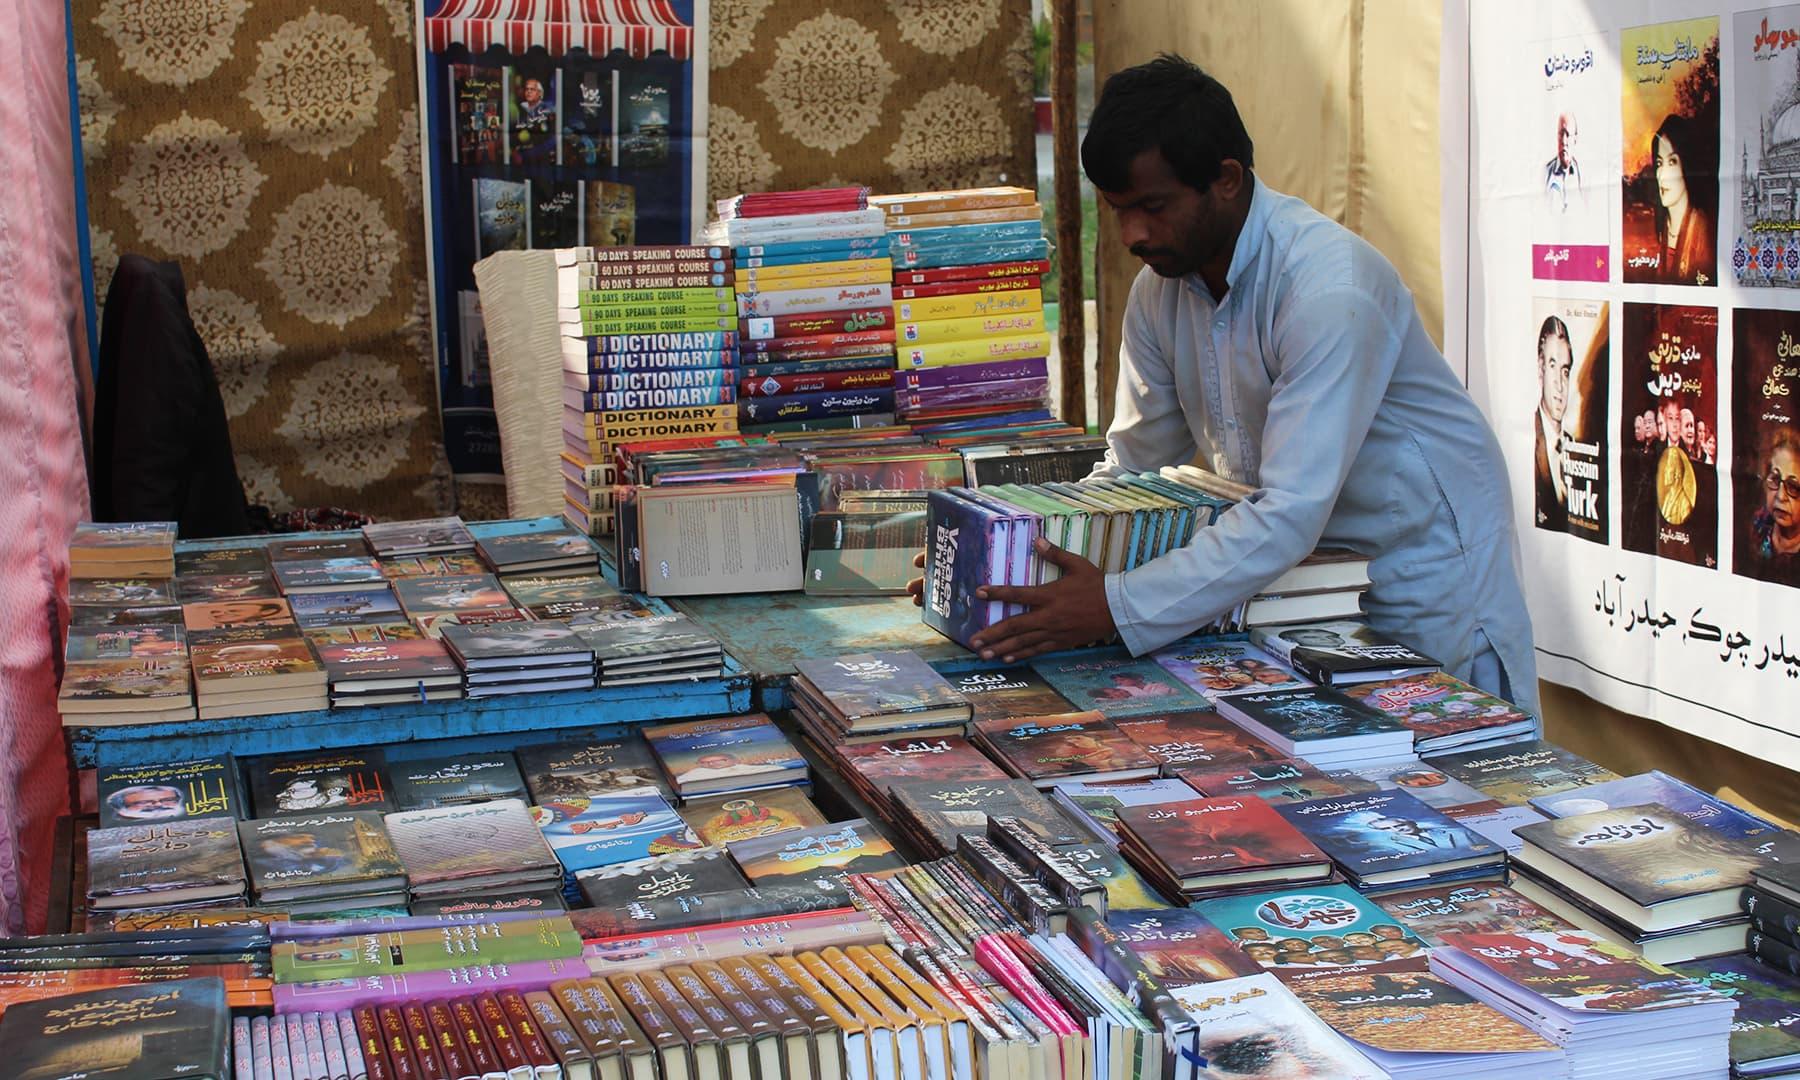 حیدرآباد لٹریچر فیسٹیول میں کتابوں کا اسٹال—تصویر اختر حفیظ